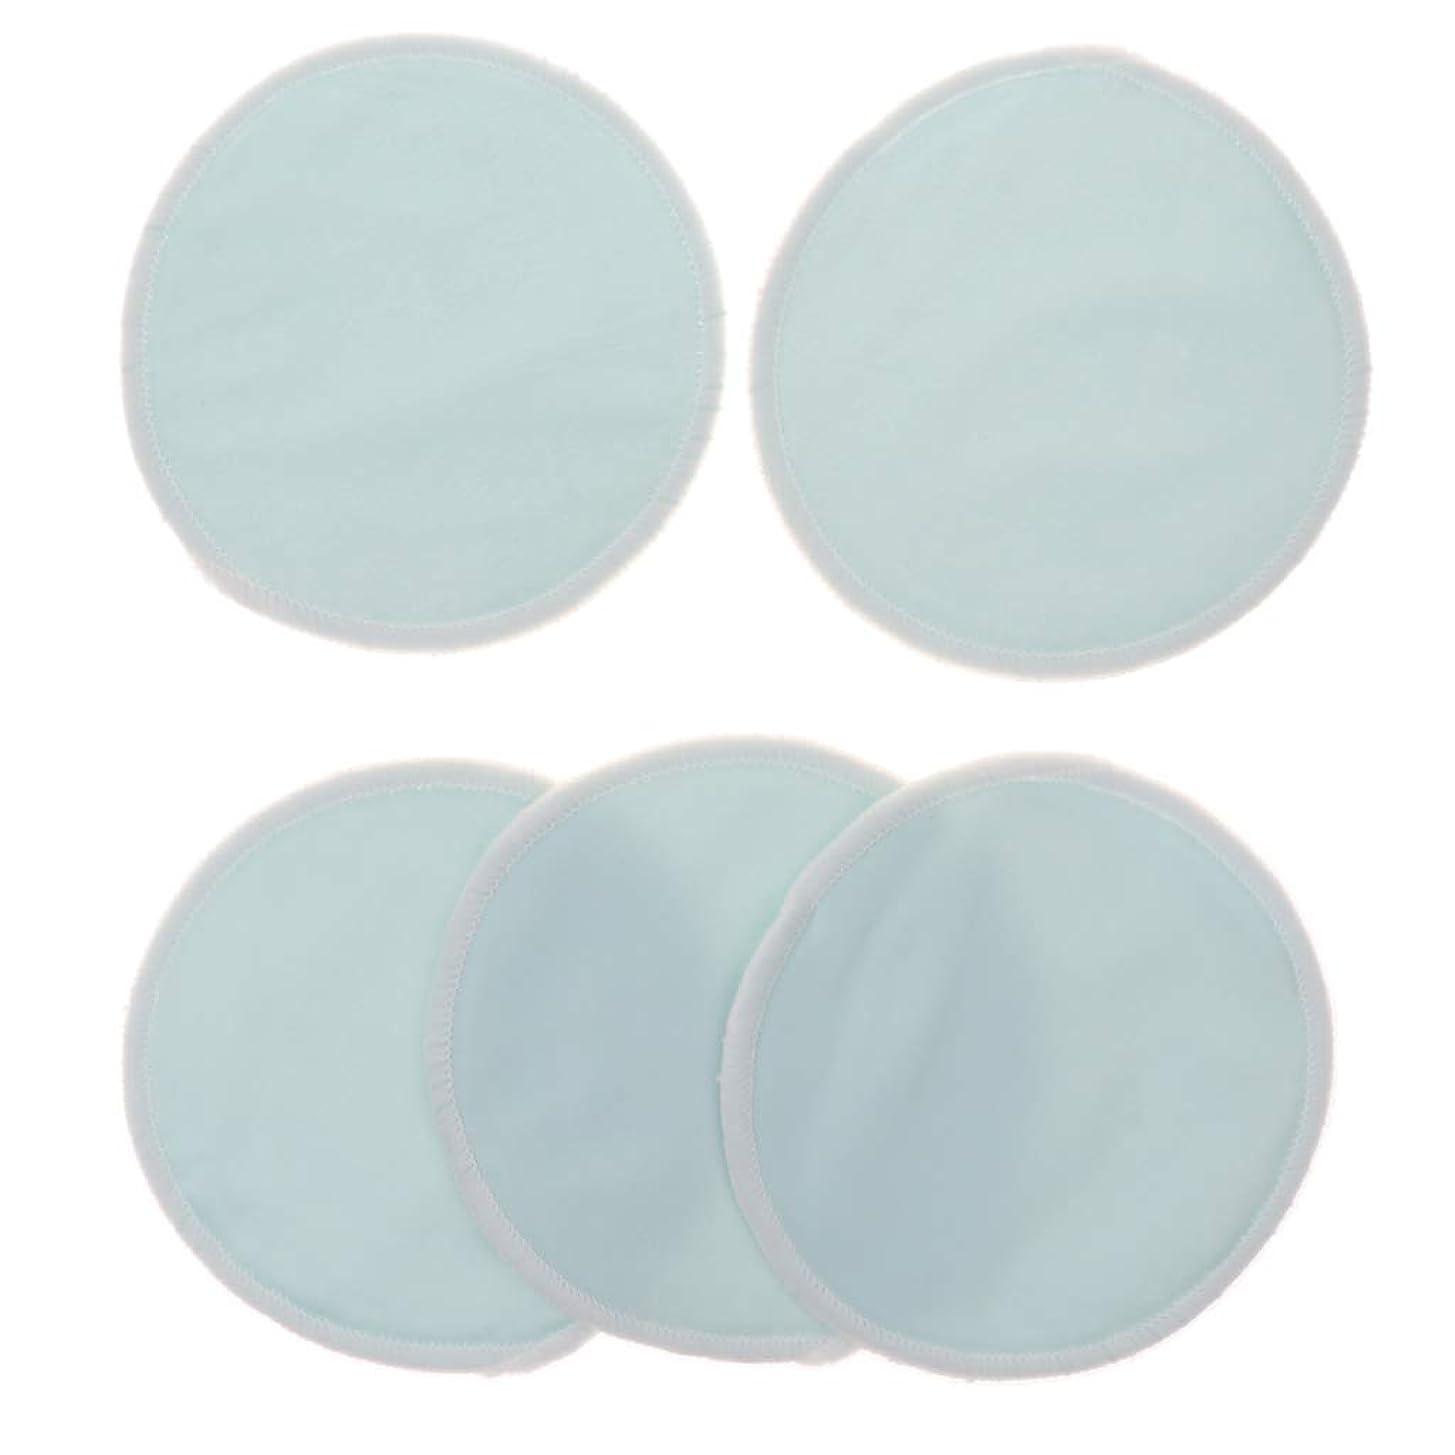 磨かれたゴミ箱を空にするペイントFenteer 5個 クレンジングシート 胸パッド 化粧用 竹繊維 円形 12cm 洗える 再使用可能 耐久性 全5色 - 青